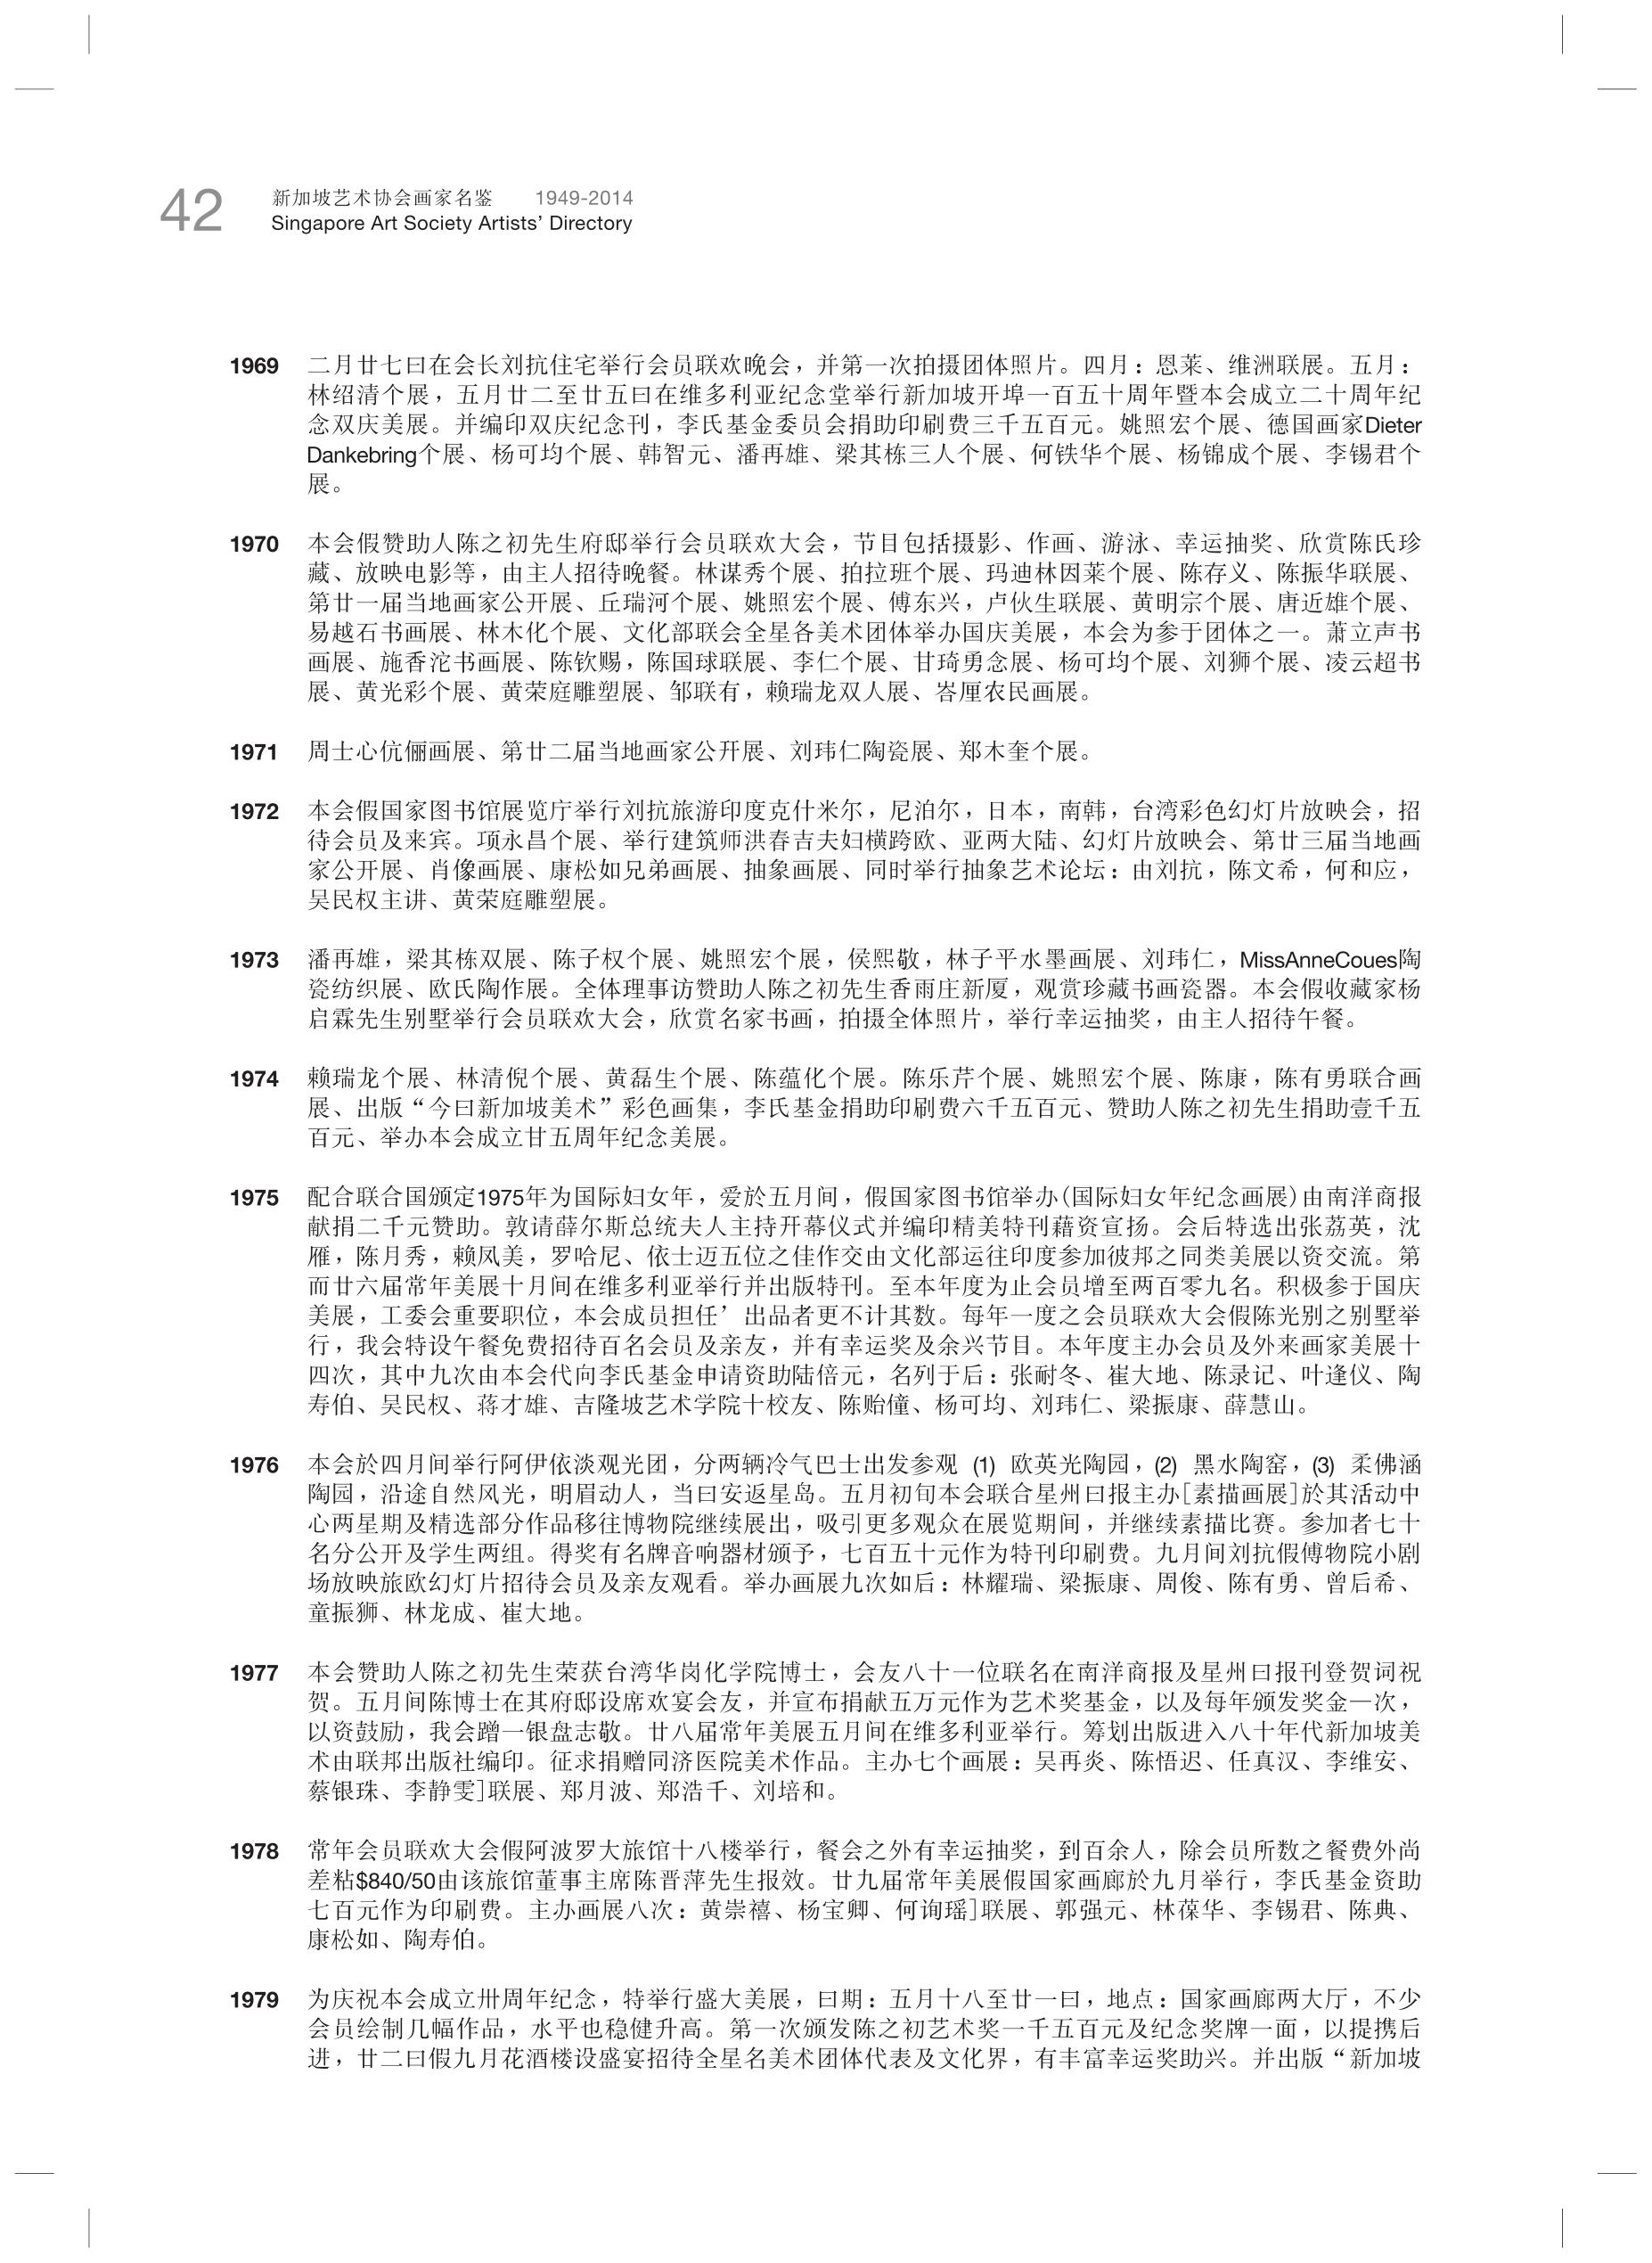 SG 65 inside_Part4-09